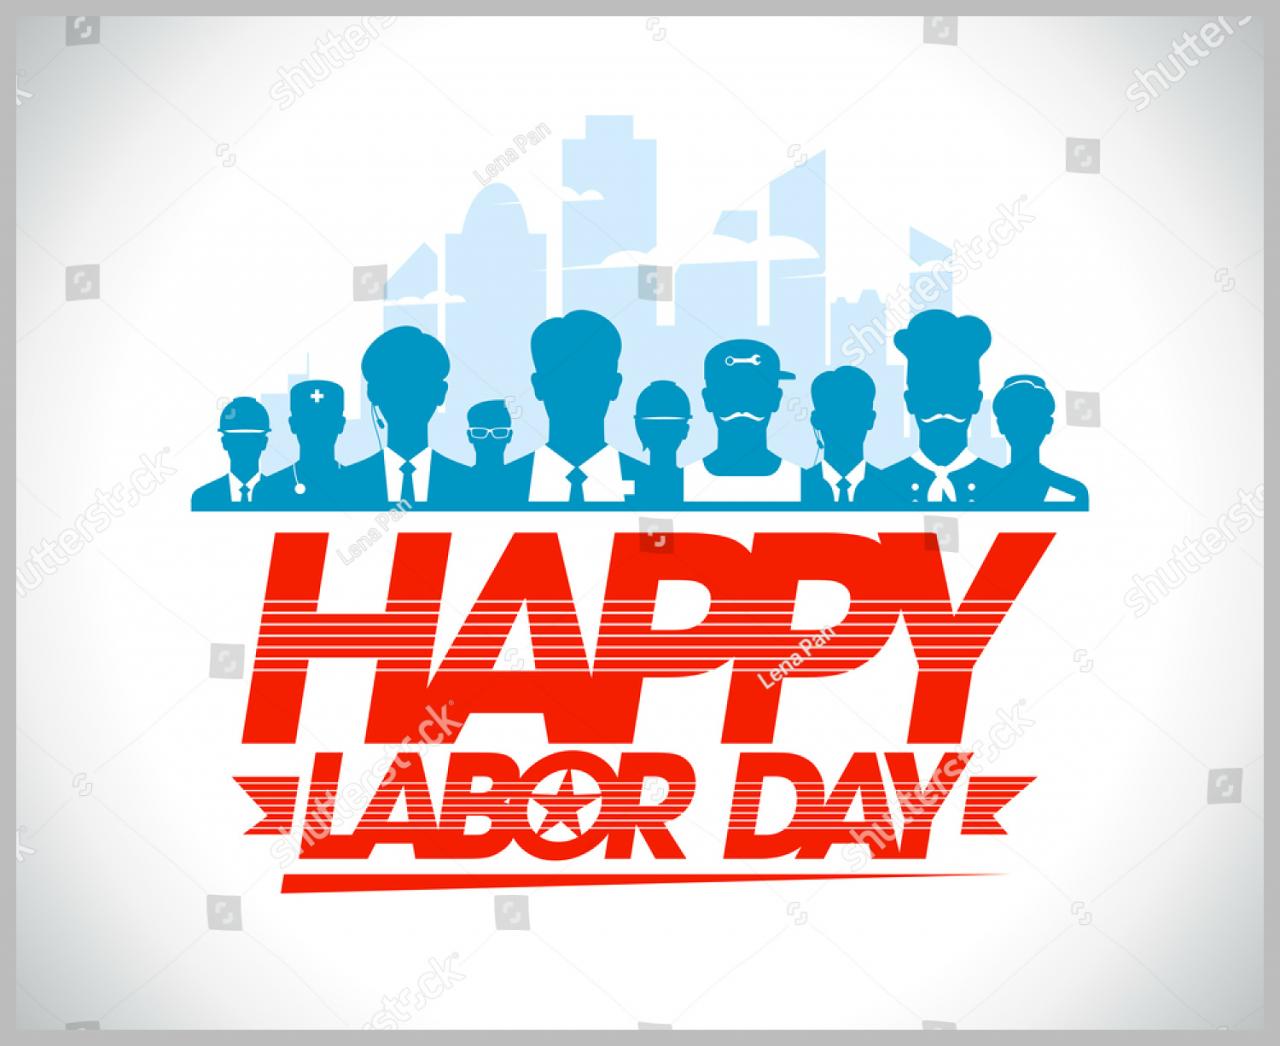 happy labor day silhouettes 1280x1046